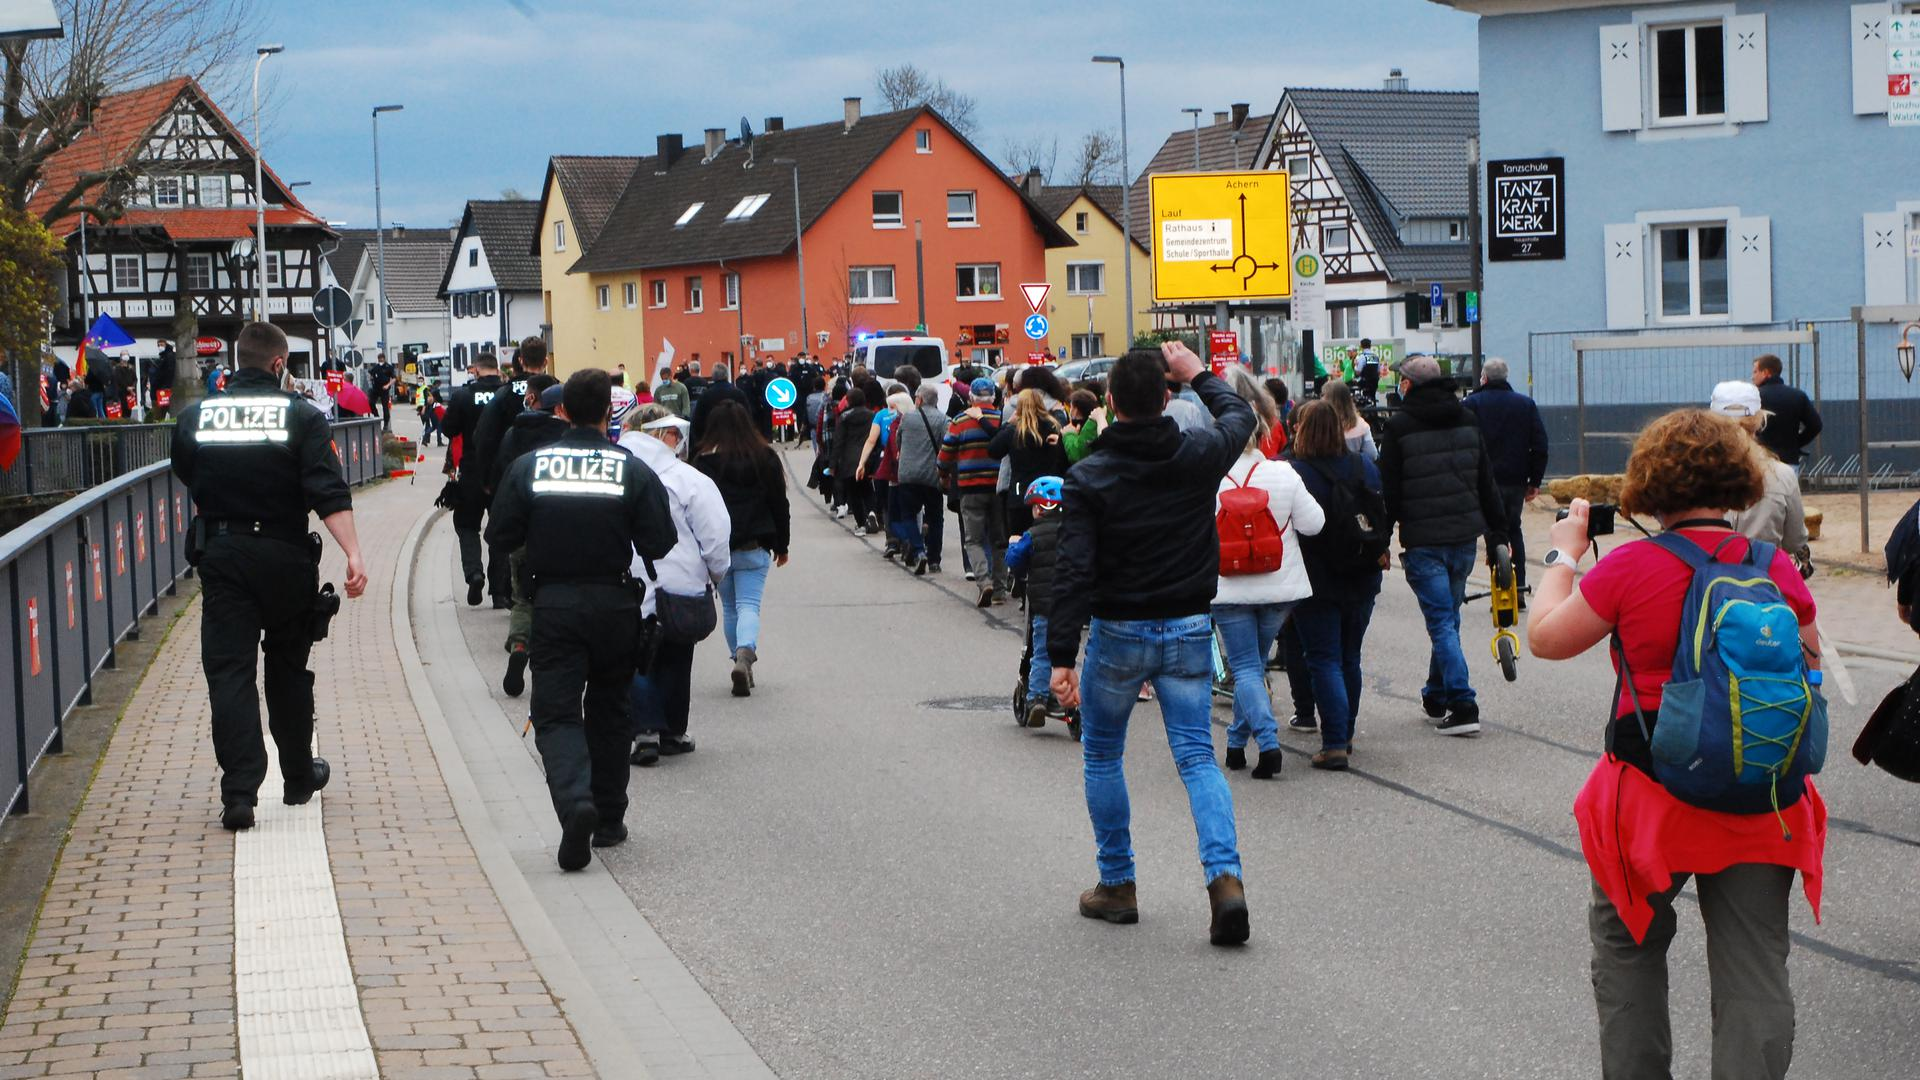 Gruppe mit Polizisten